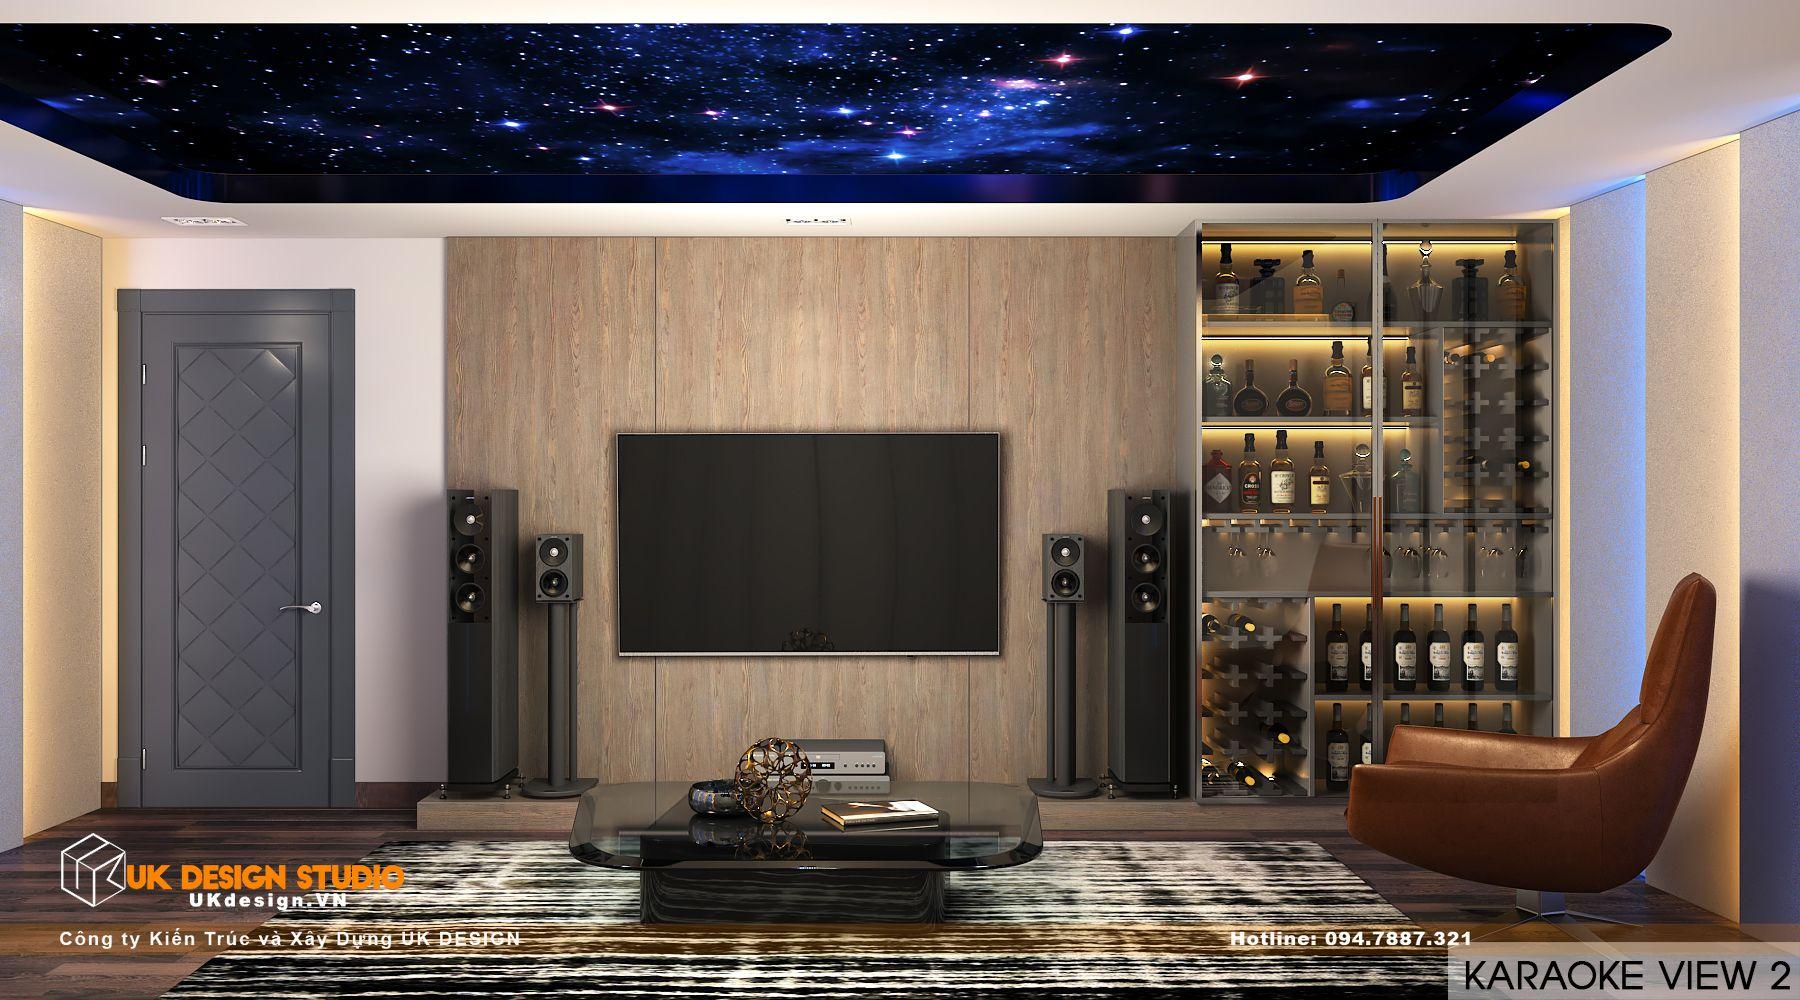 Thiết kế nội thất biệt thự nhà đẹp 3 tầng ở Quận 8 - Phòng karaoke 12